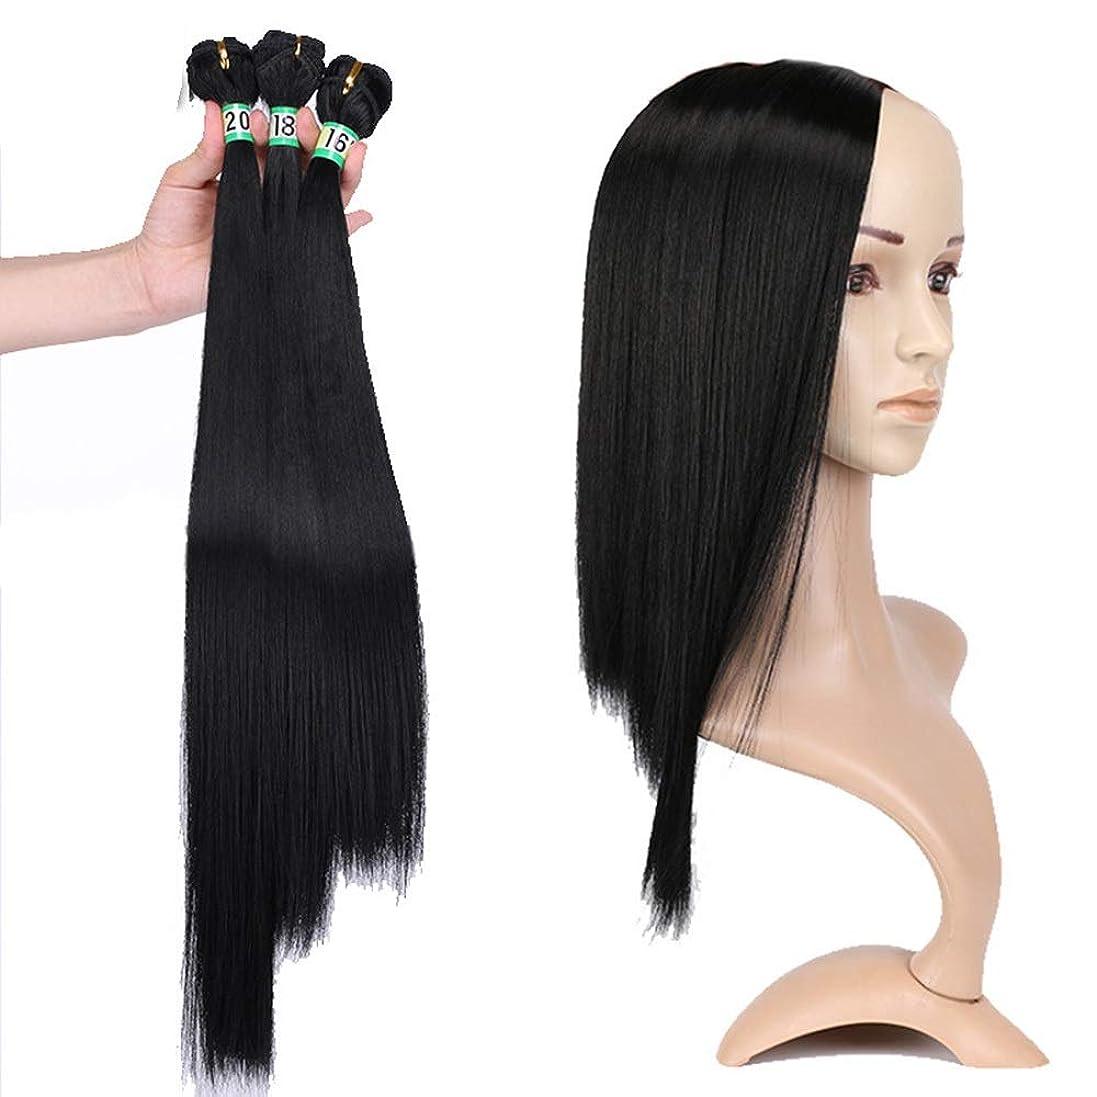 ビルダーアレイ塩BOBIDYEE 人工毛絹のようなストレートの髪織り3バンドル - 1Bナチュラルブラックヘアエクステンション(16